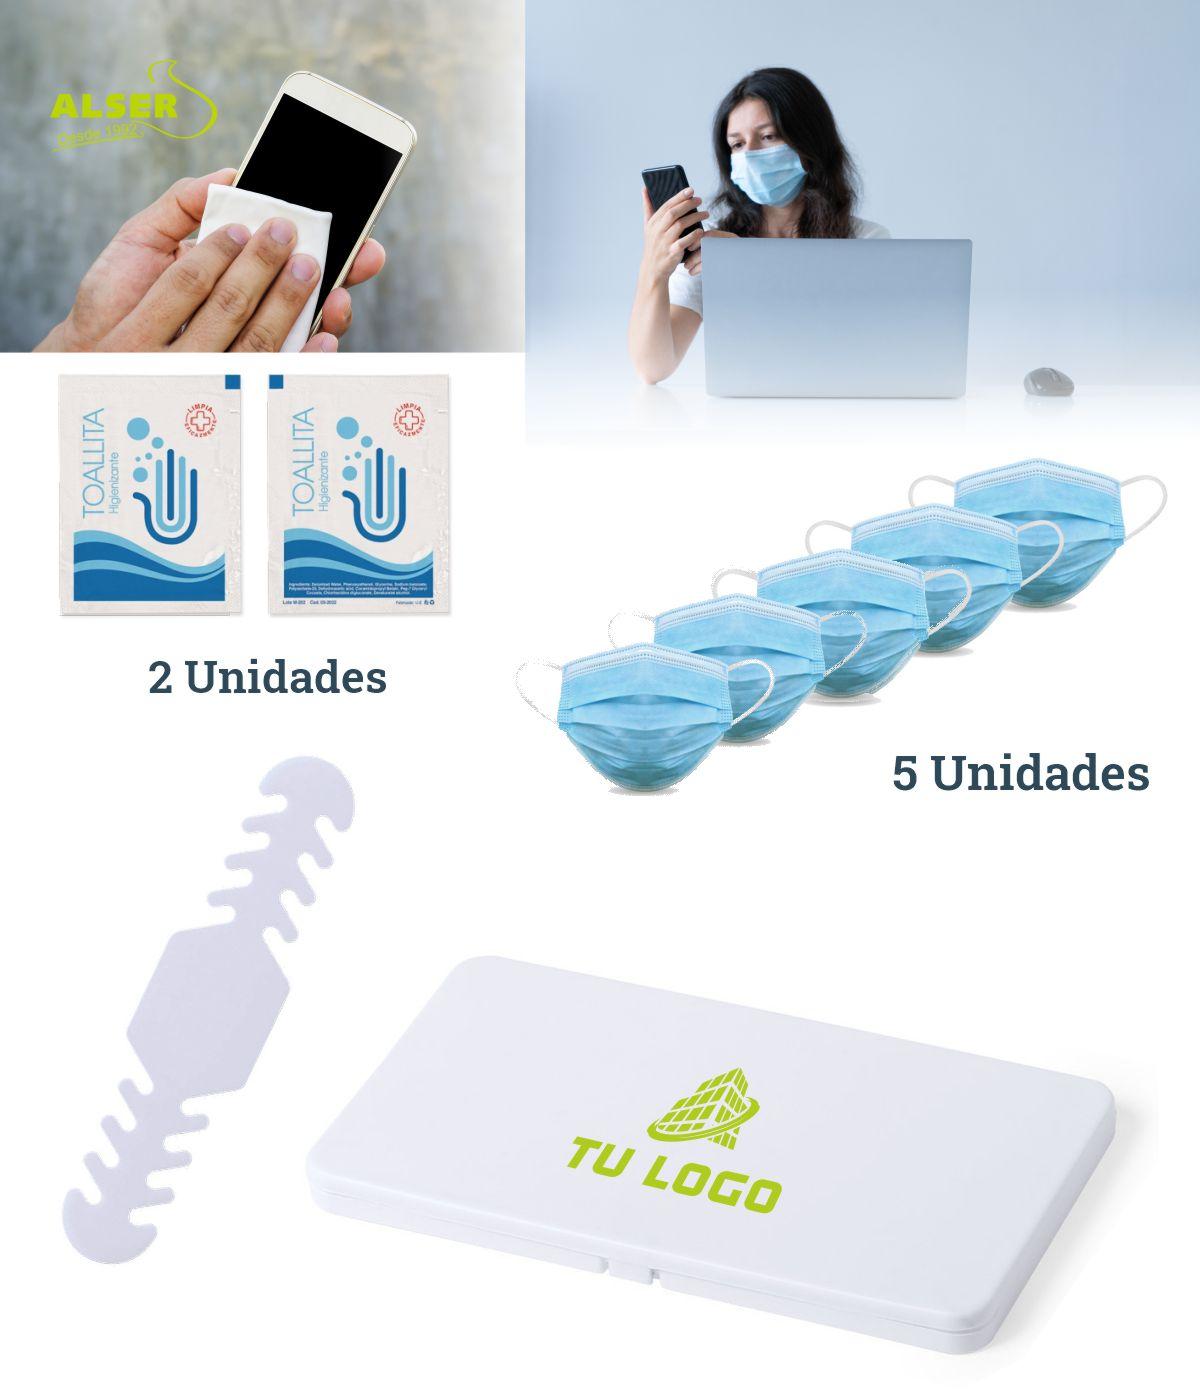 productos higiénicos en set corporativo higiénico